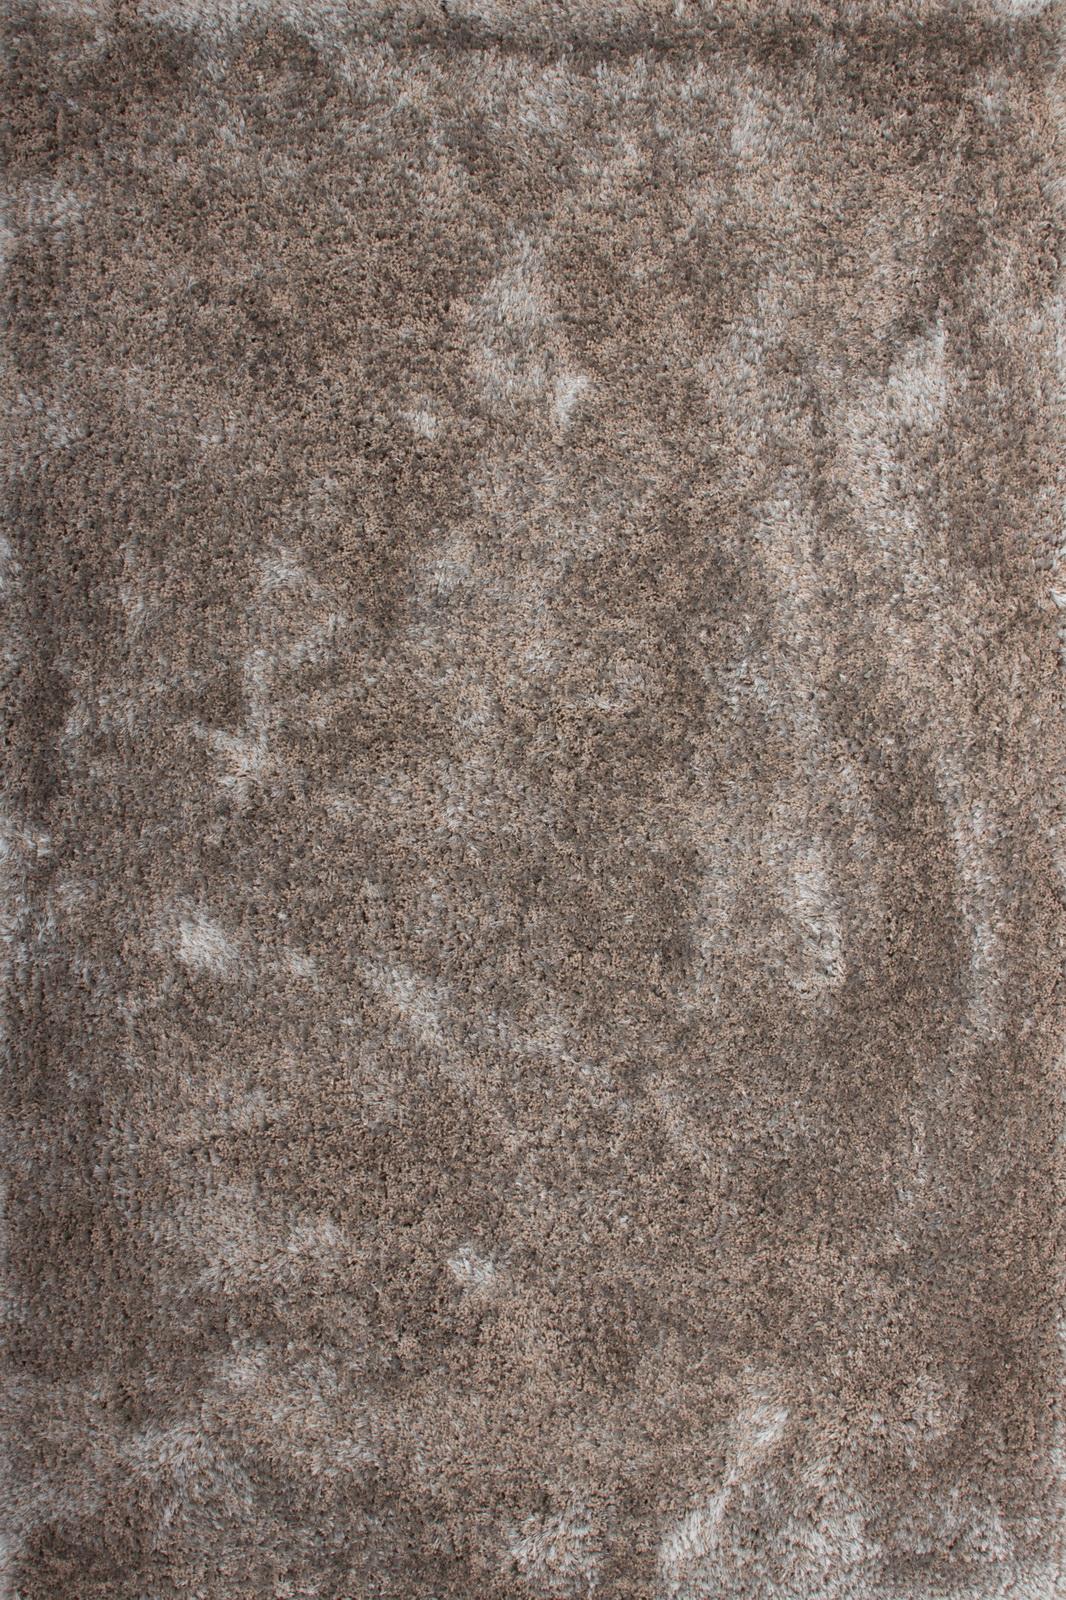 Ručne všívaný koberec - Lalee - Monaco 444 Silver. Akcia -15%. Sme autorizovaný predajca Lalee. Vlastná spoľahlivá doprava až k Vám domov.